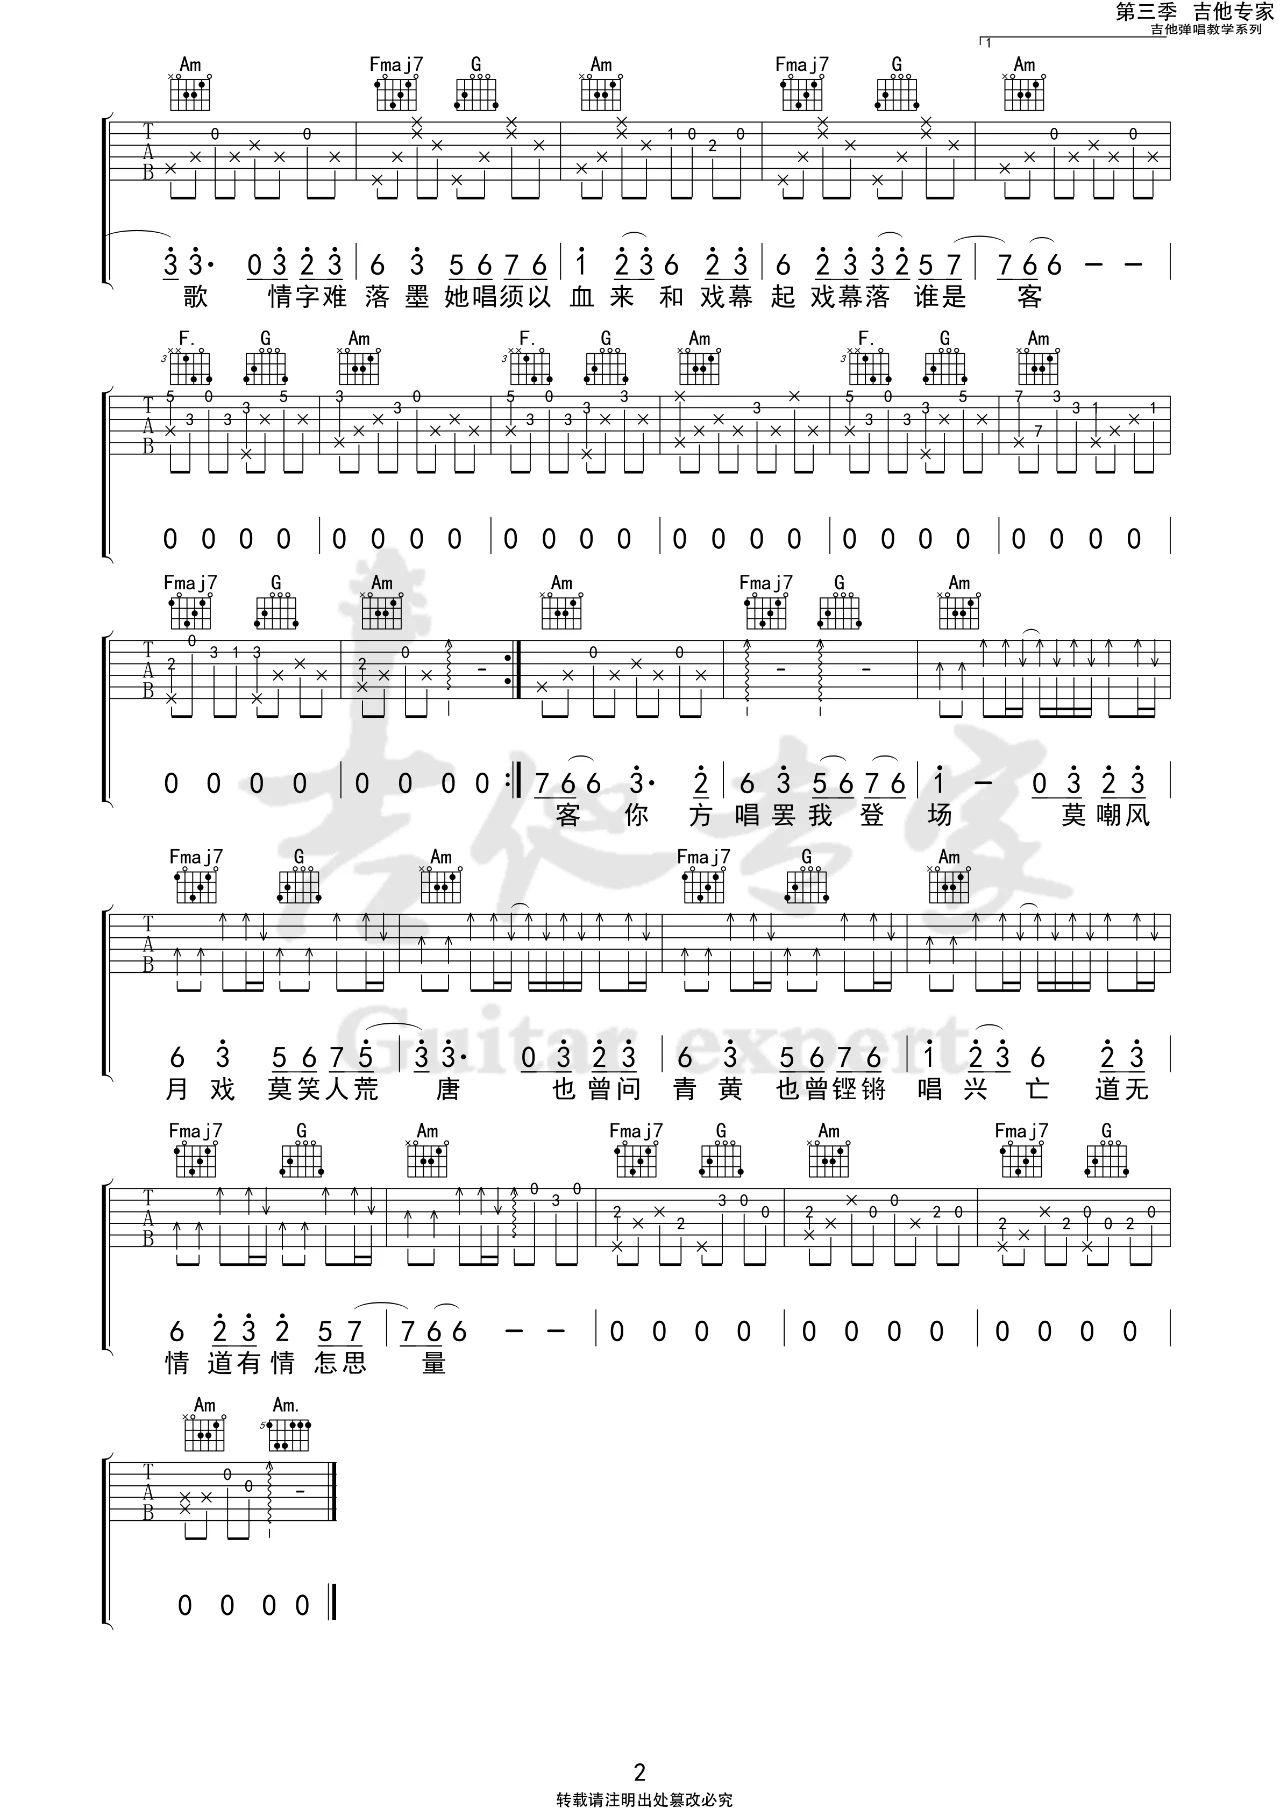 吉他派《赤伶》吉他谱-2